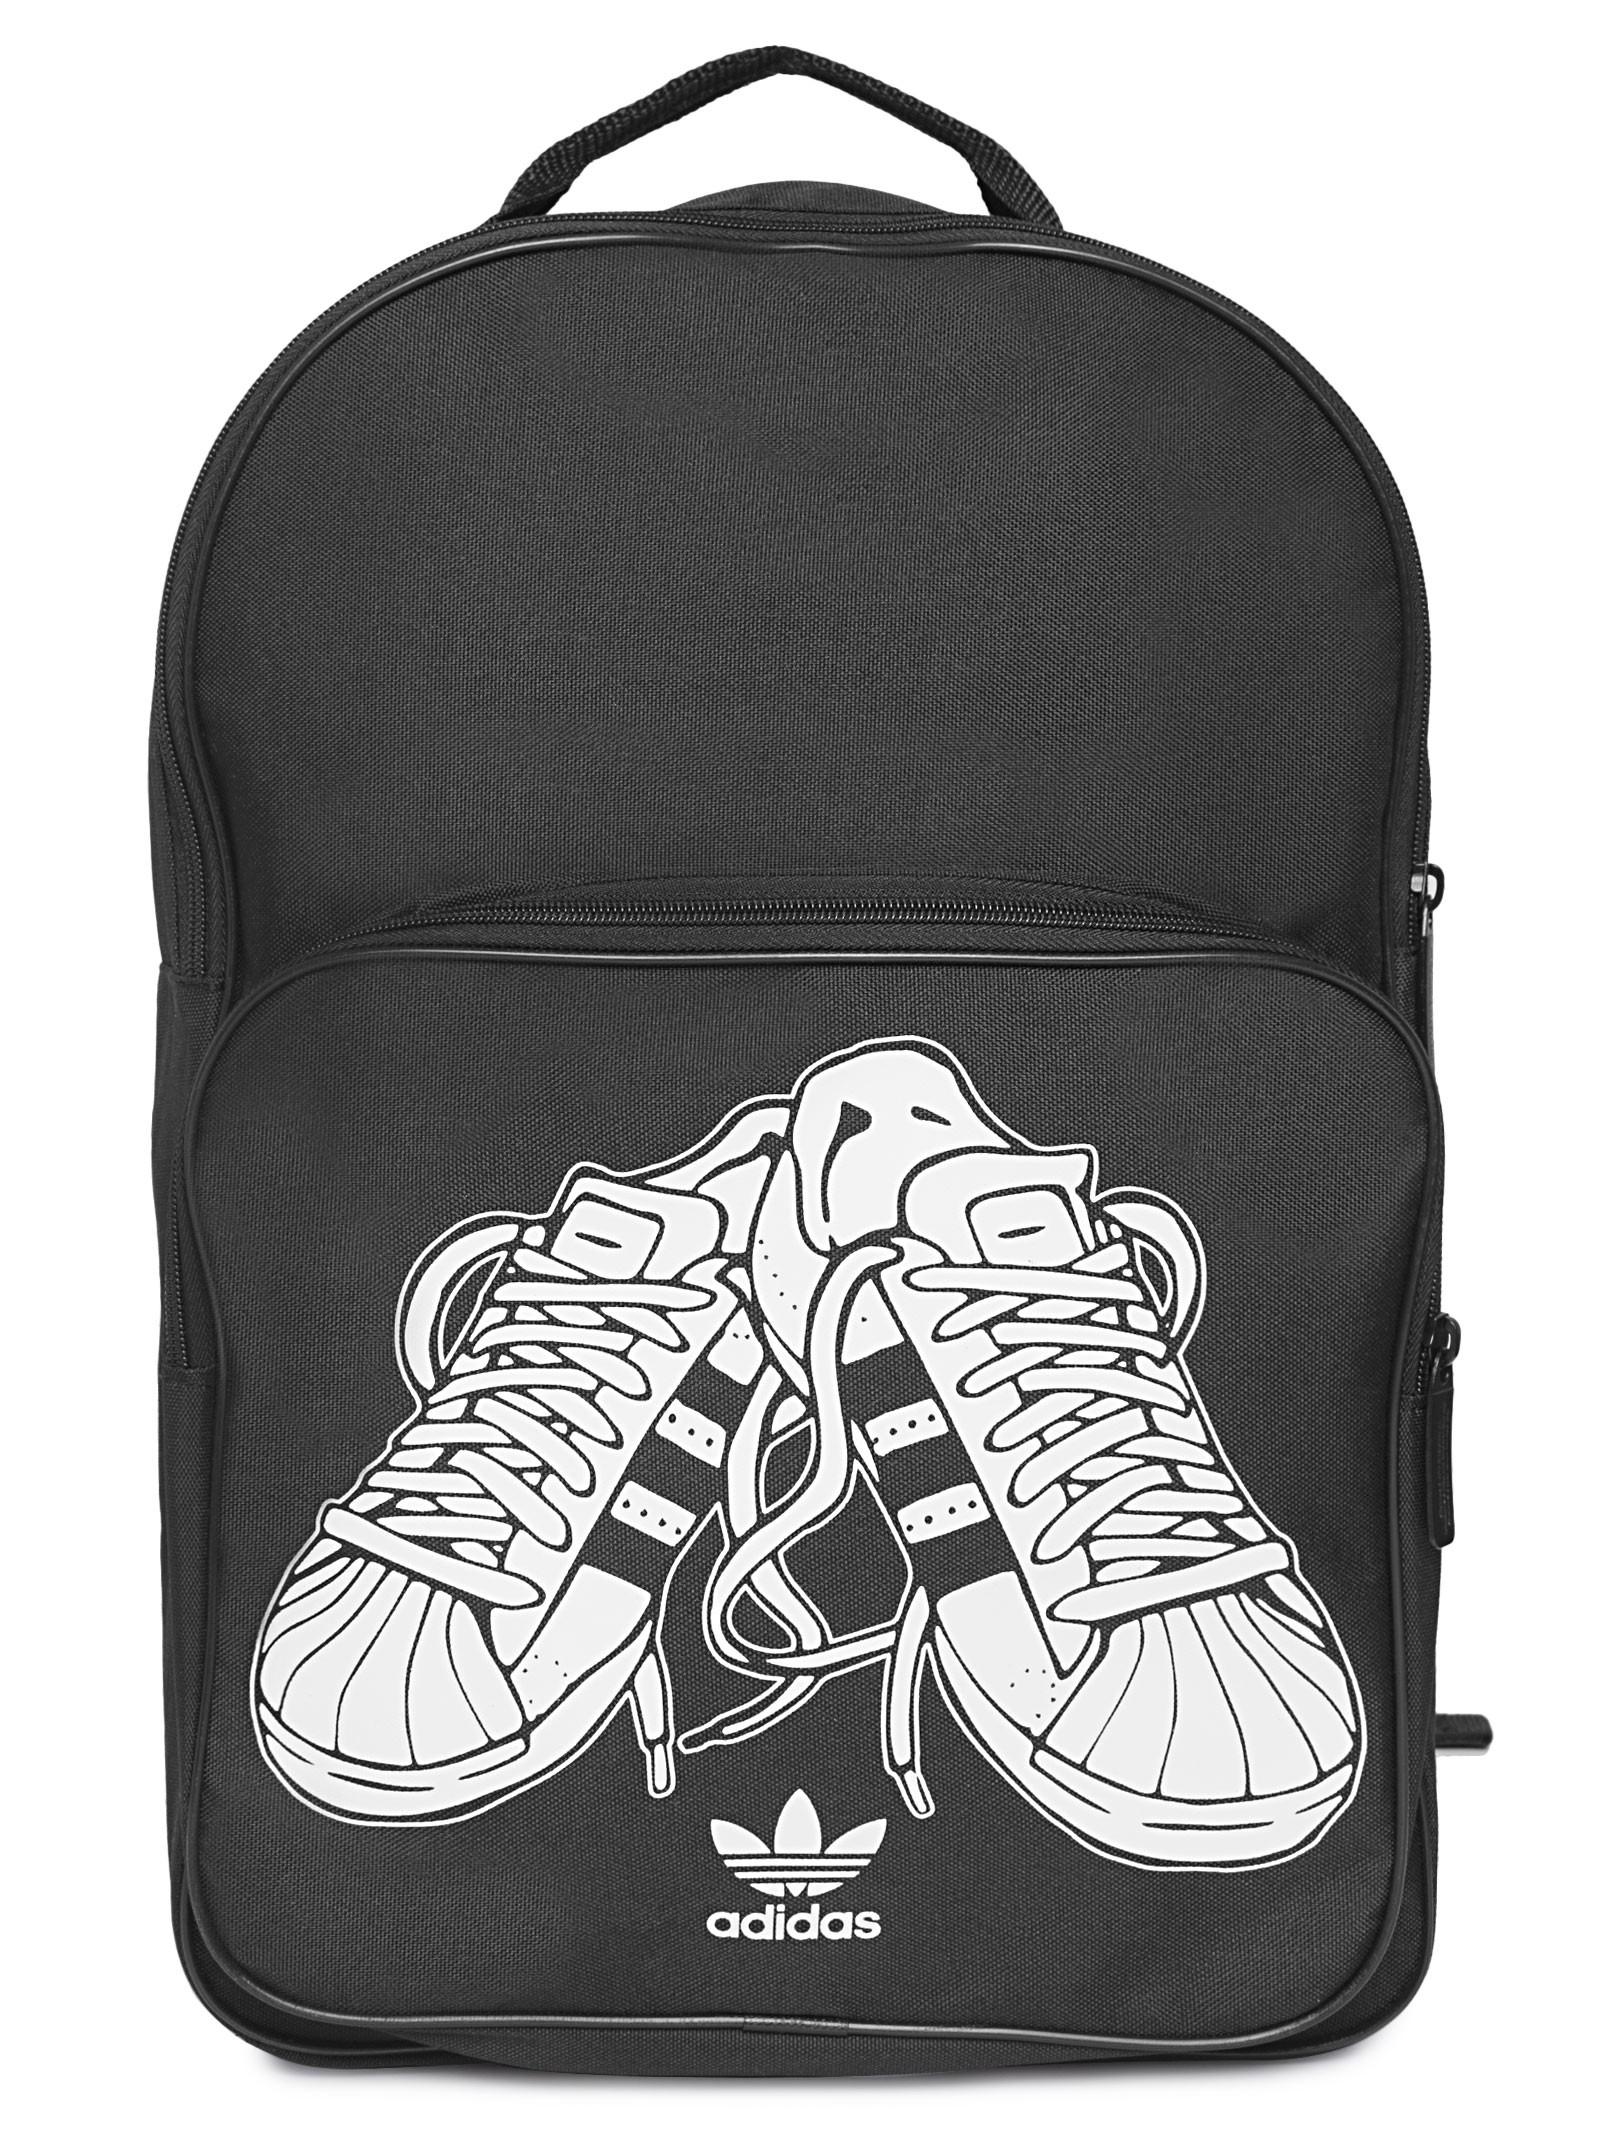 mochila-adidas-originals-124